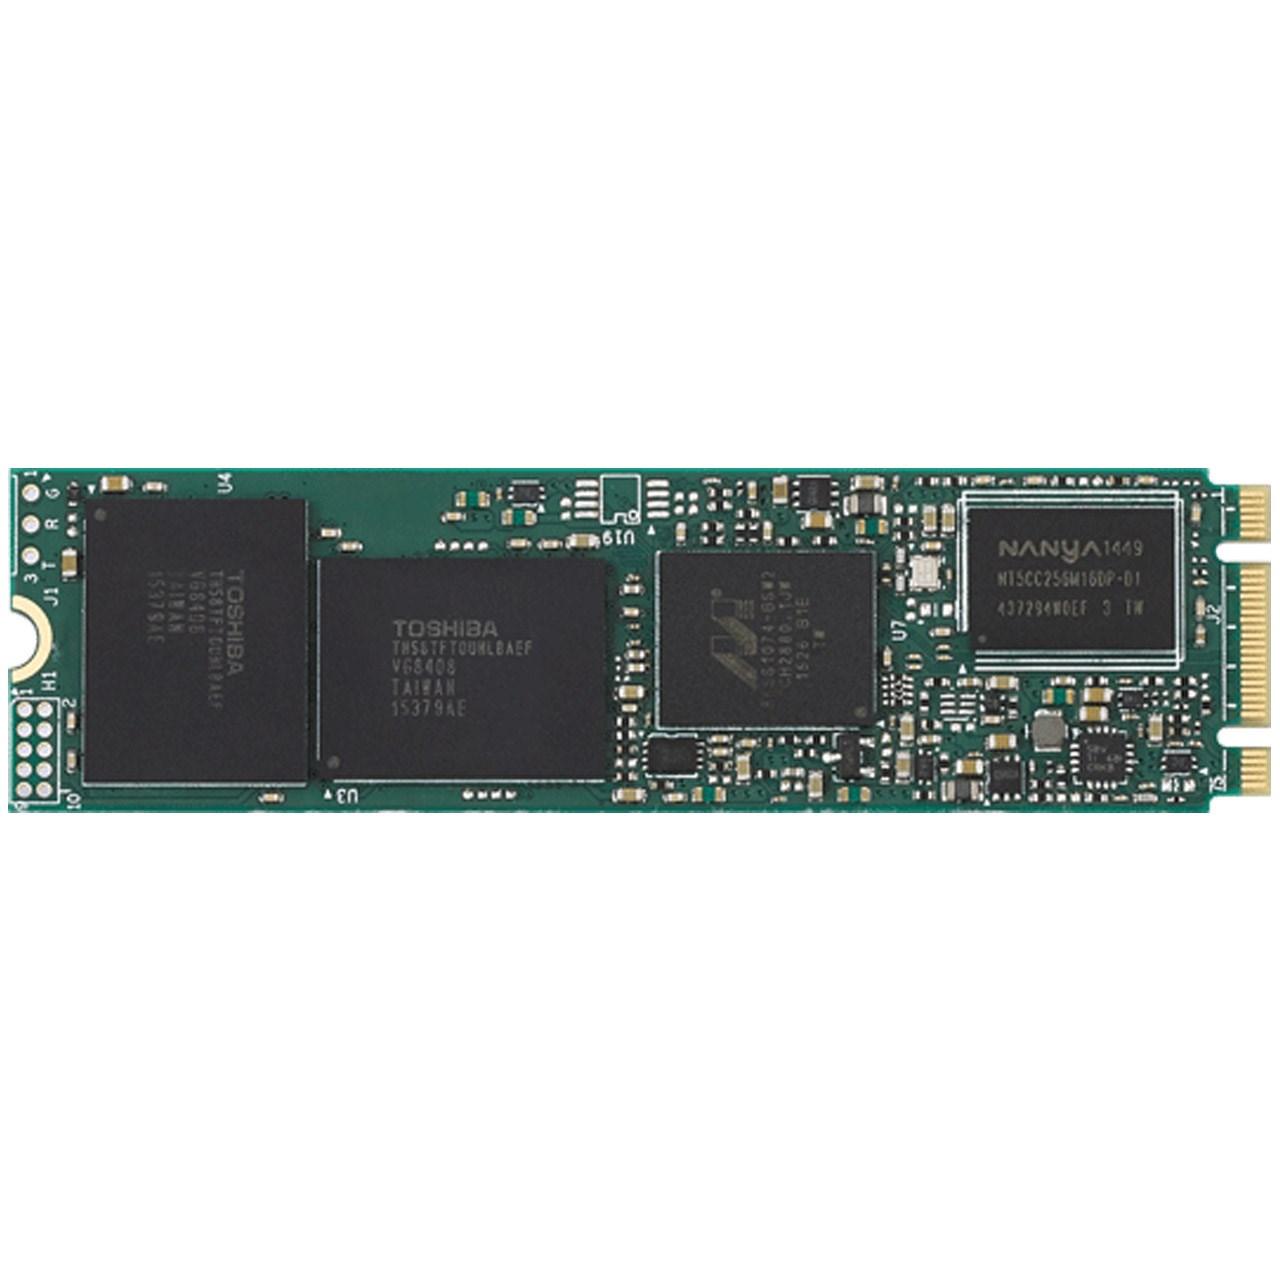 حافظه SSD پلکستور مدل M7V M.2 2280 ظرفیت 128 گیگابایت